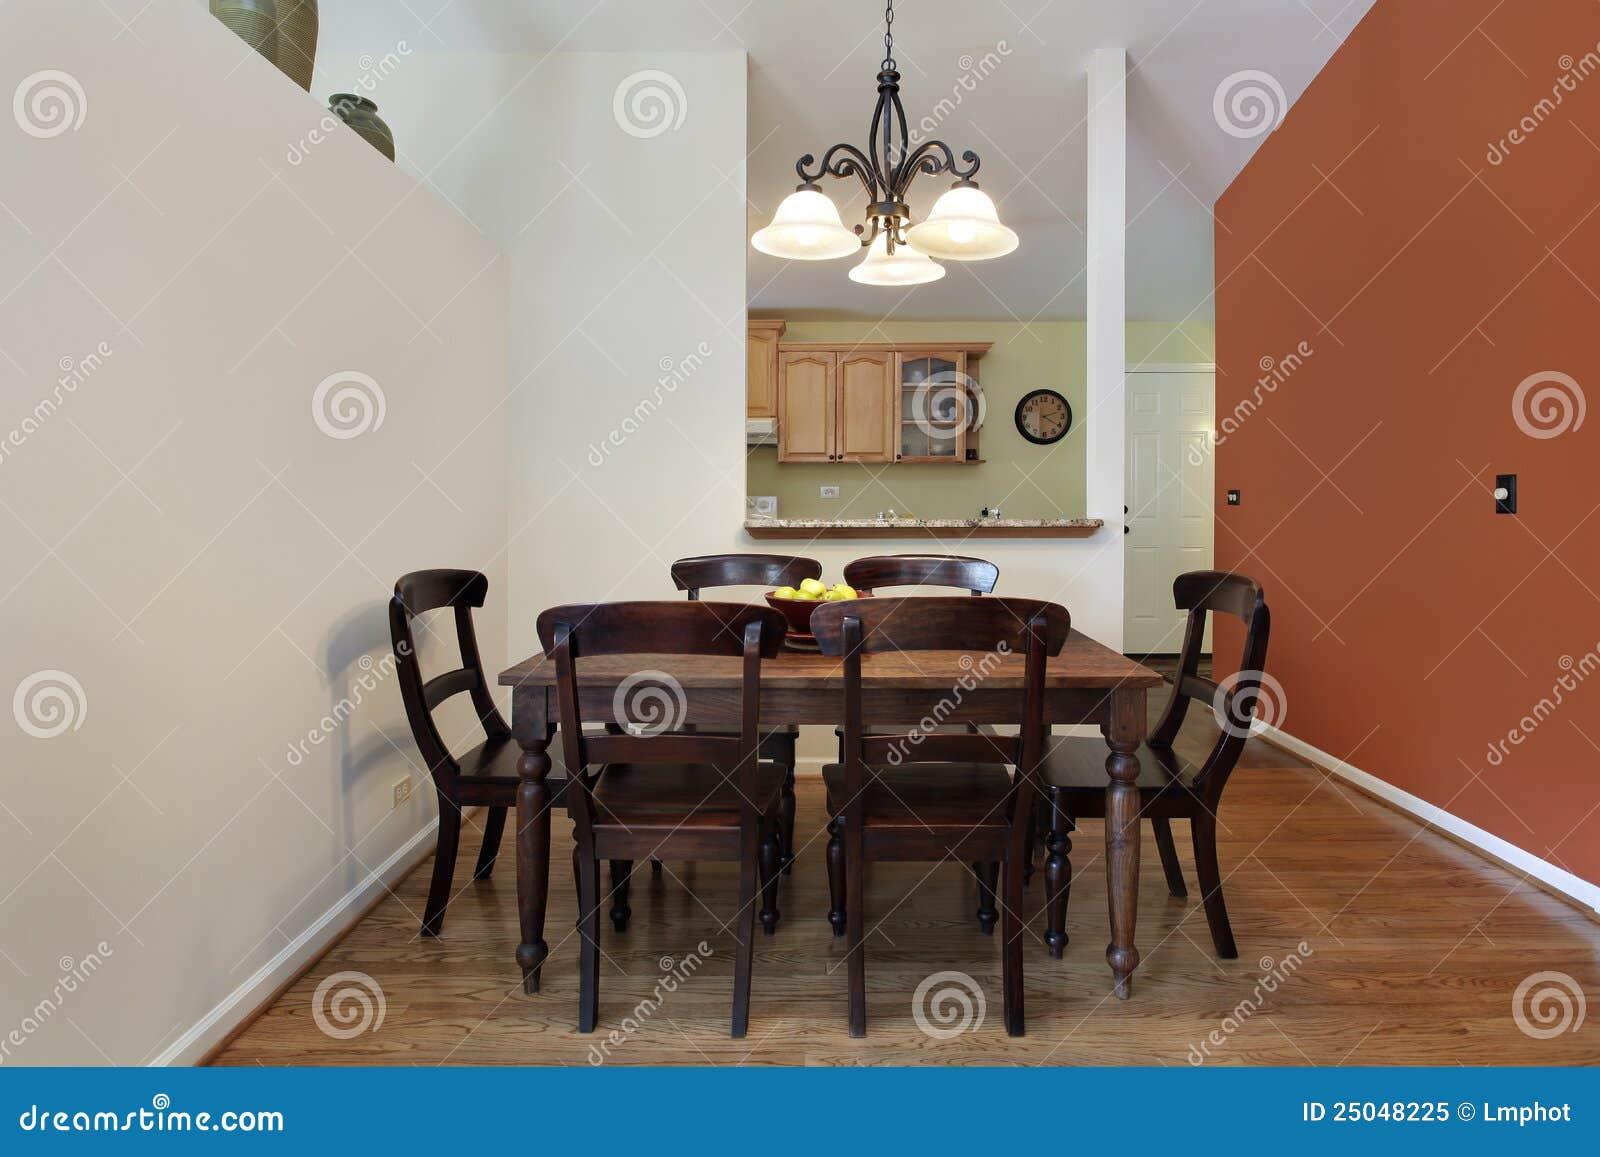 Download Esszimmer Mit Orange Wand Stockbild. Bild Von Familie   25048225